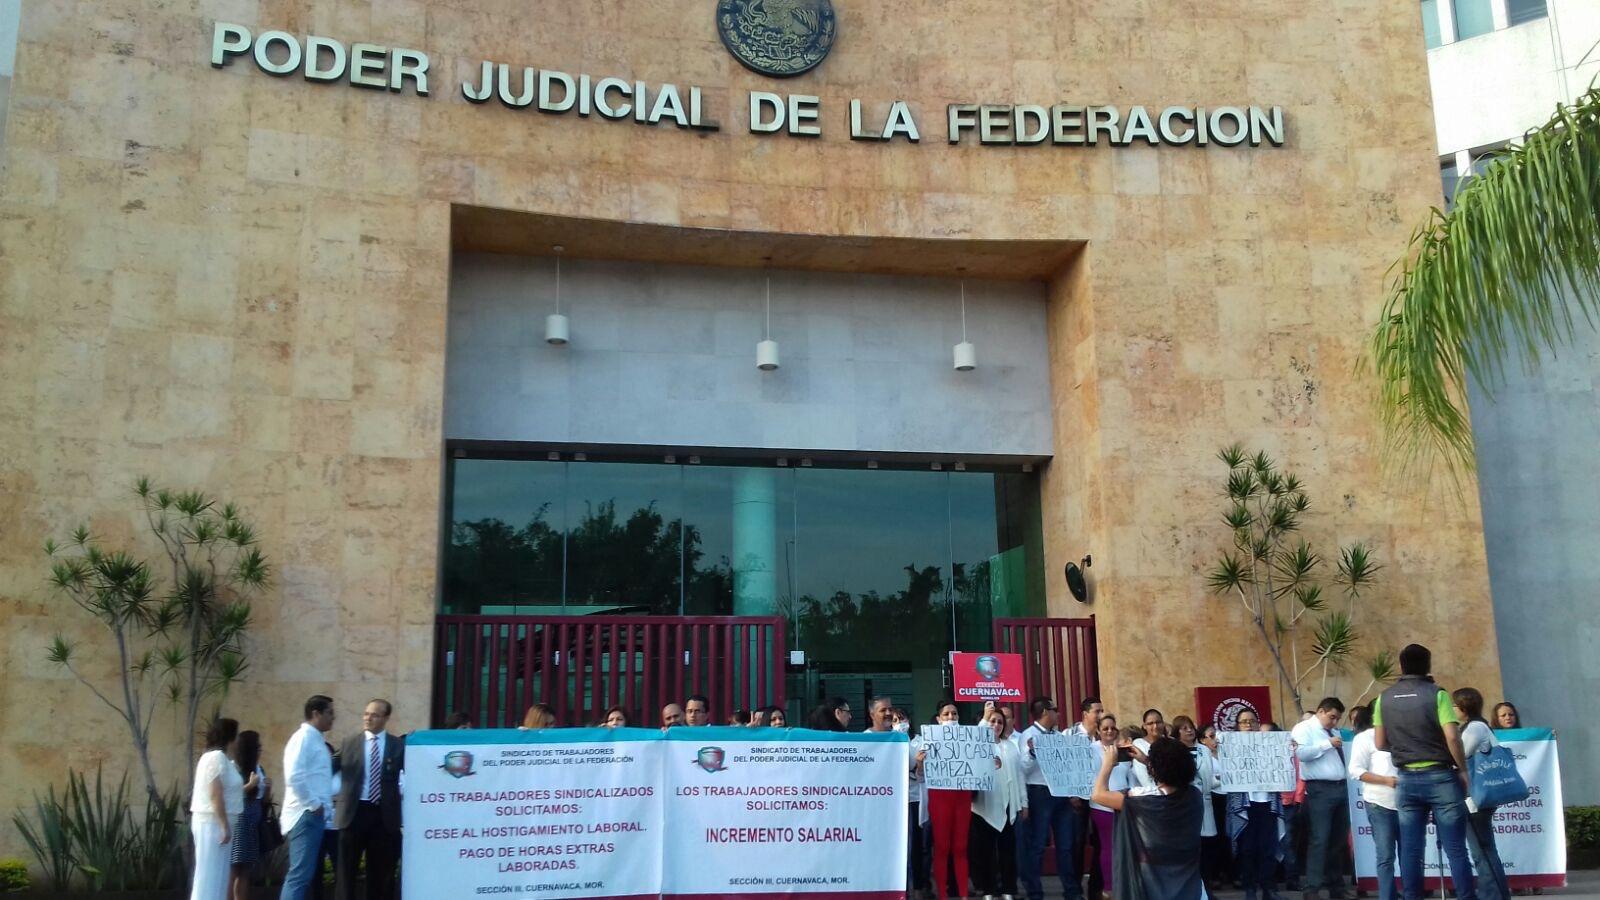 Alistan defensa vs. baja de salarios en el Poder Judicial